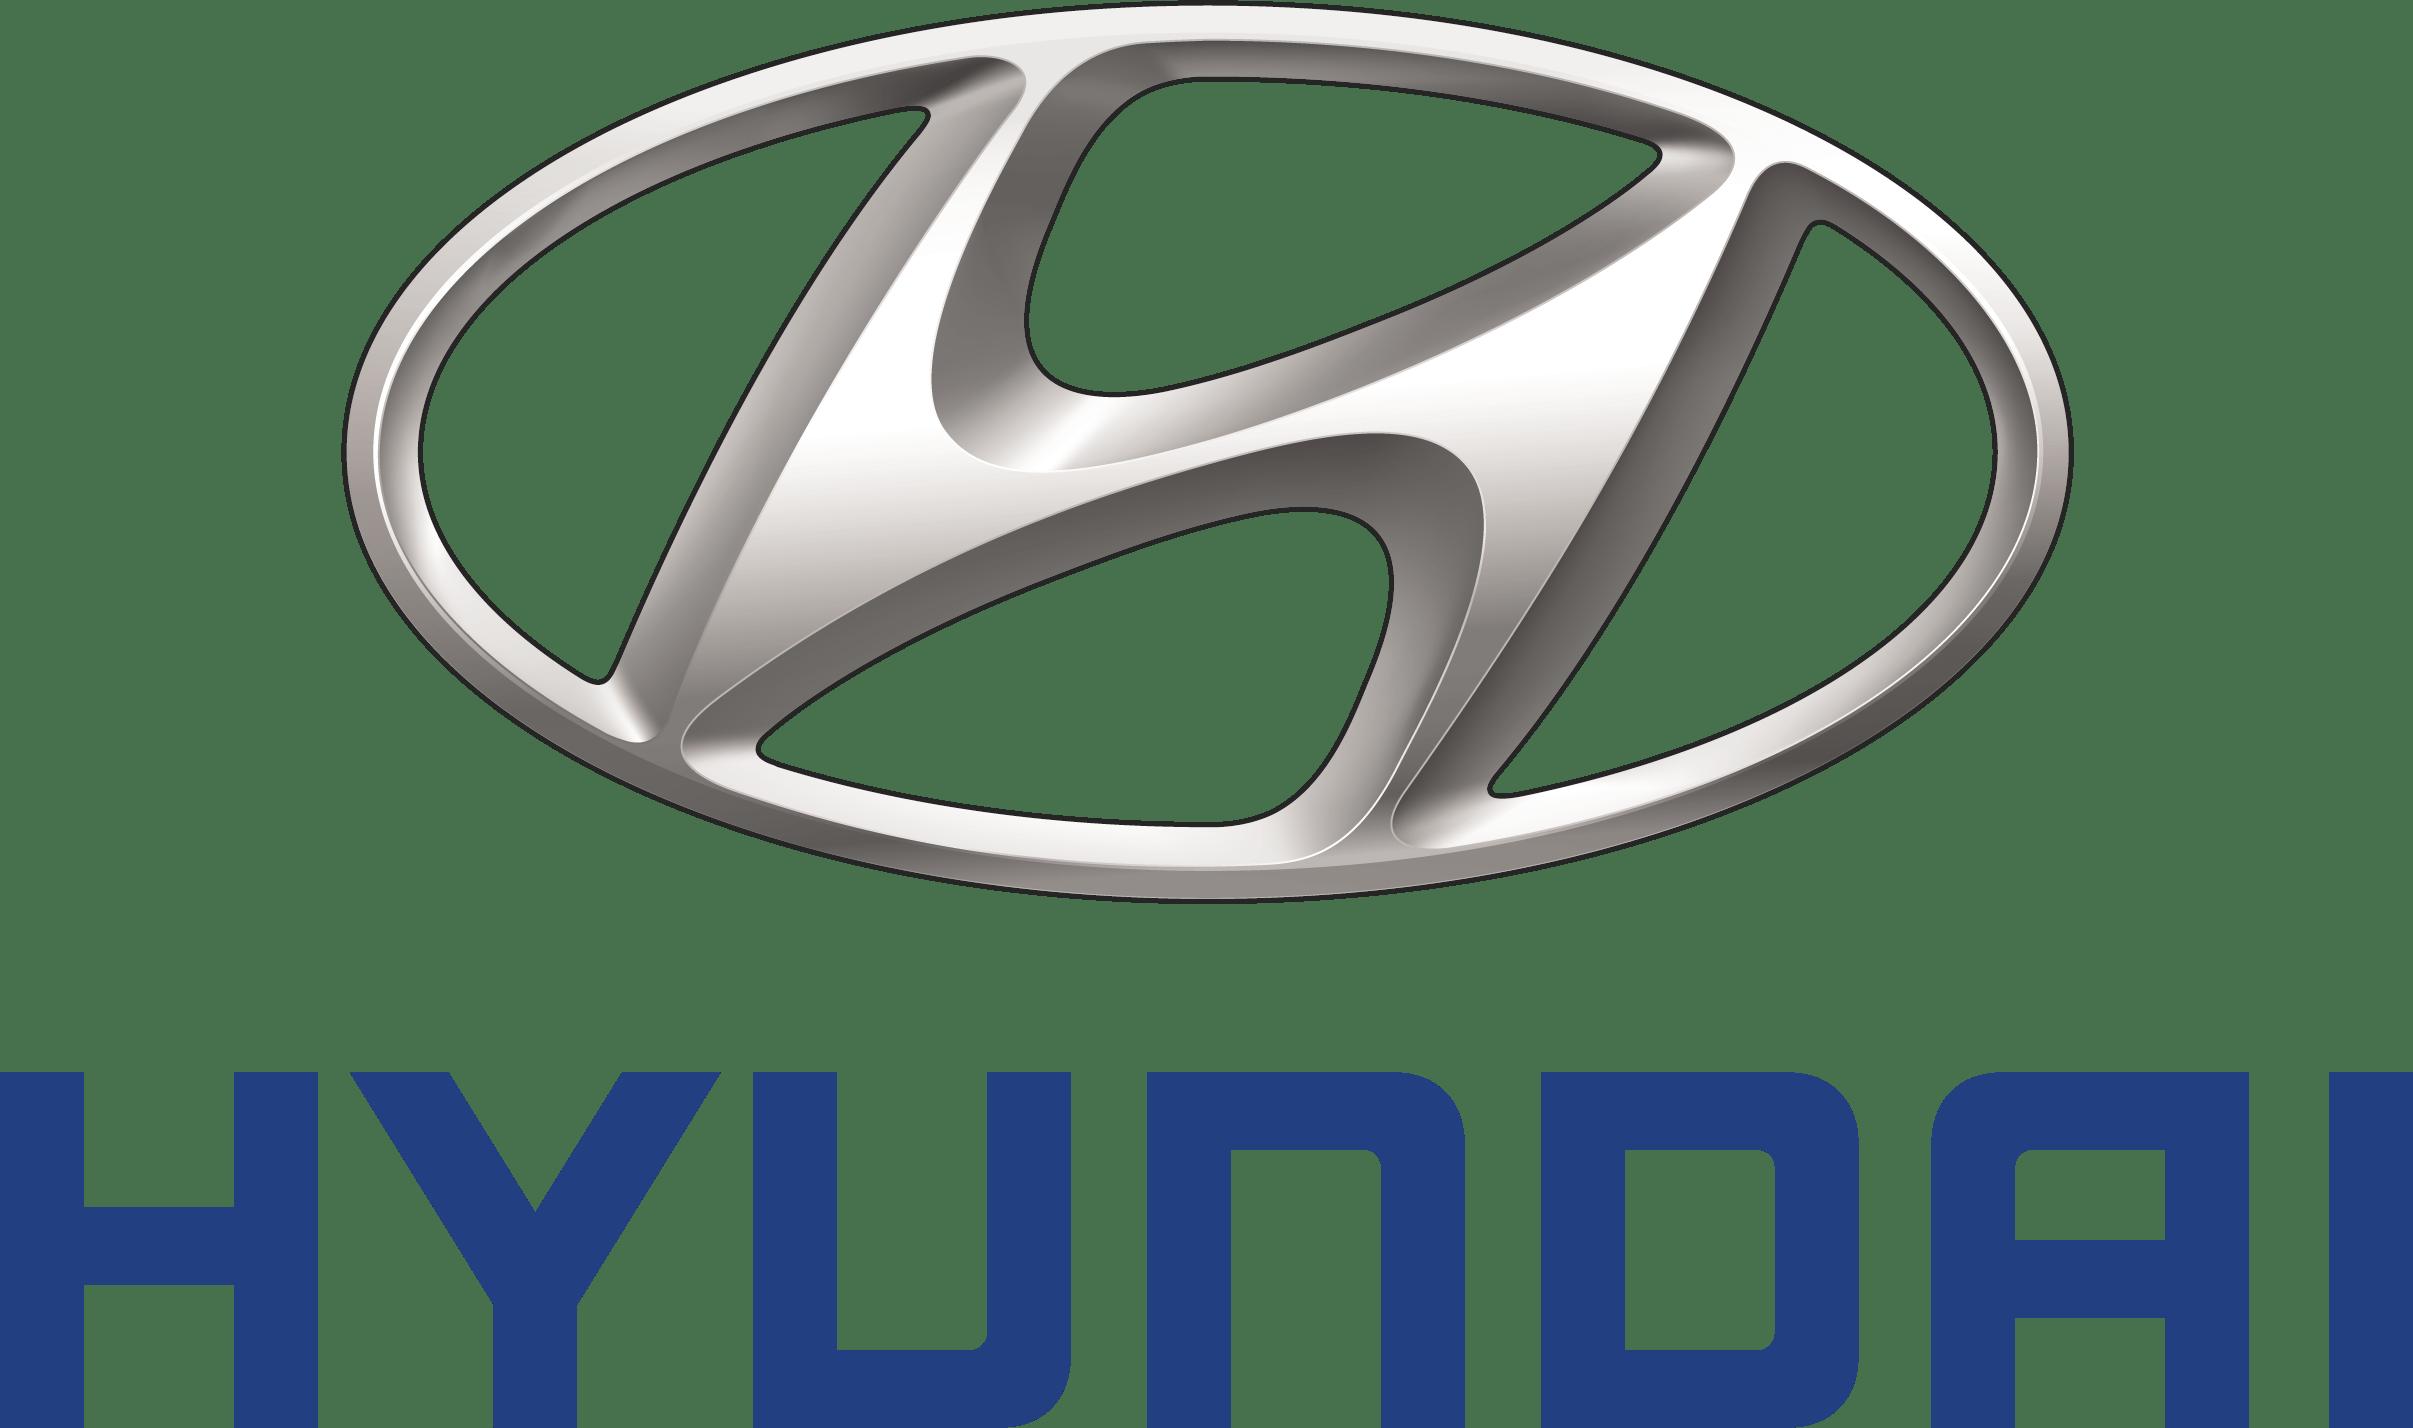 hyundai logo 340